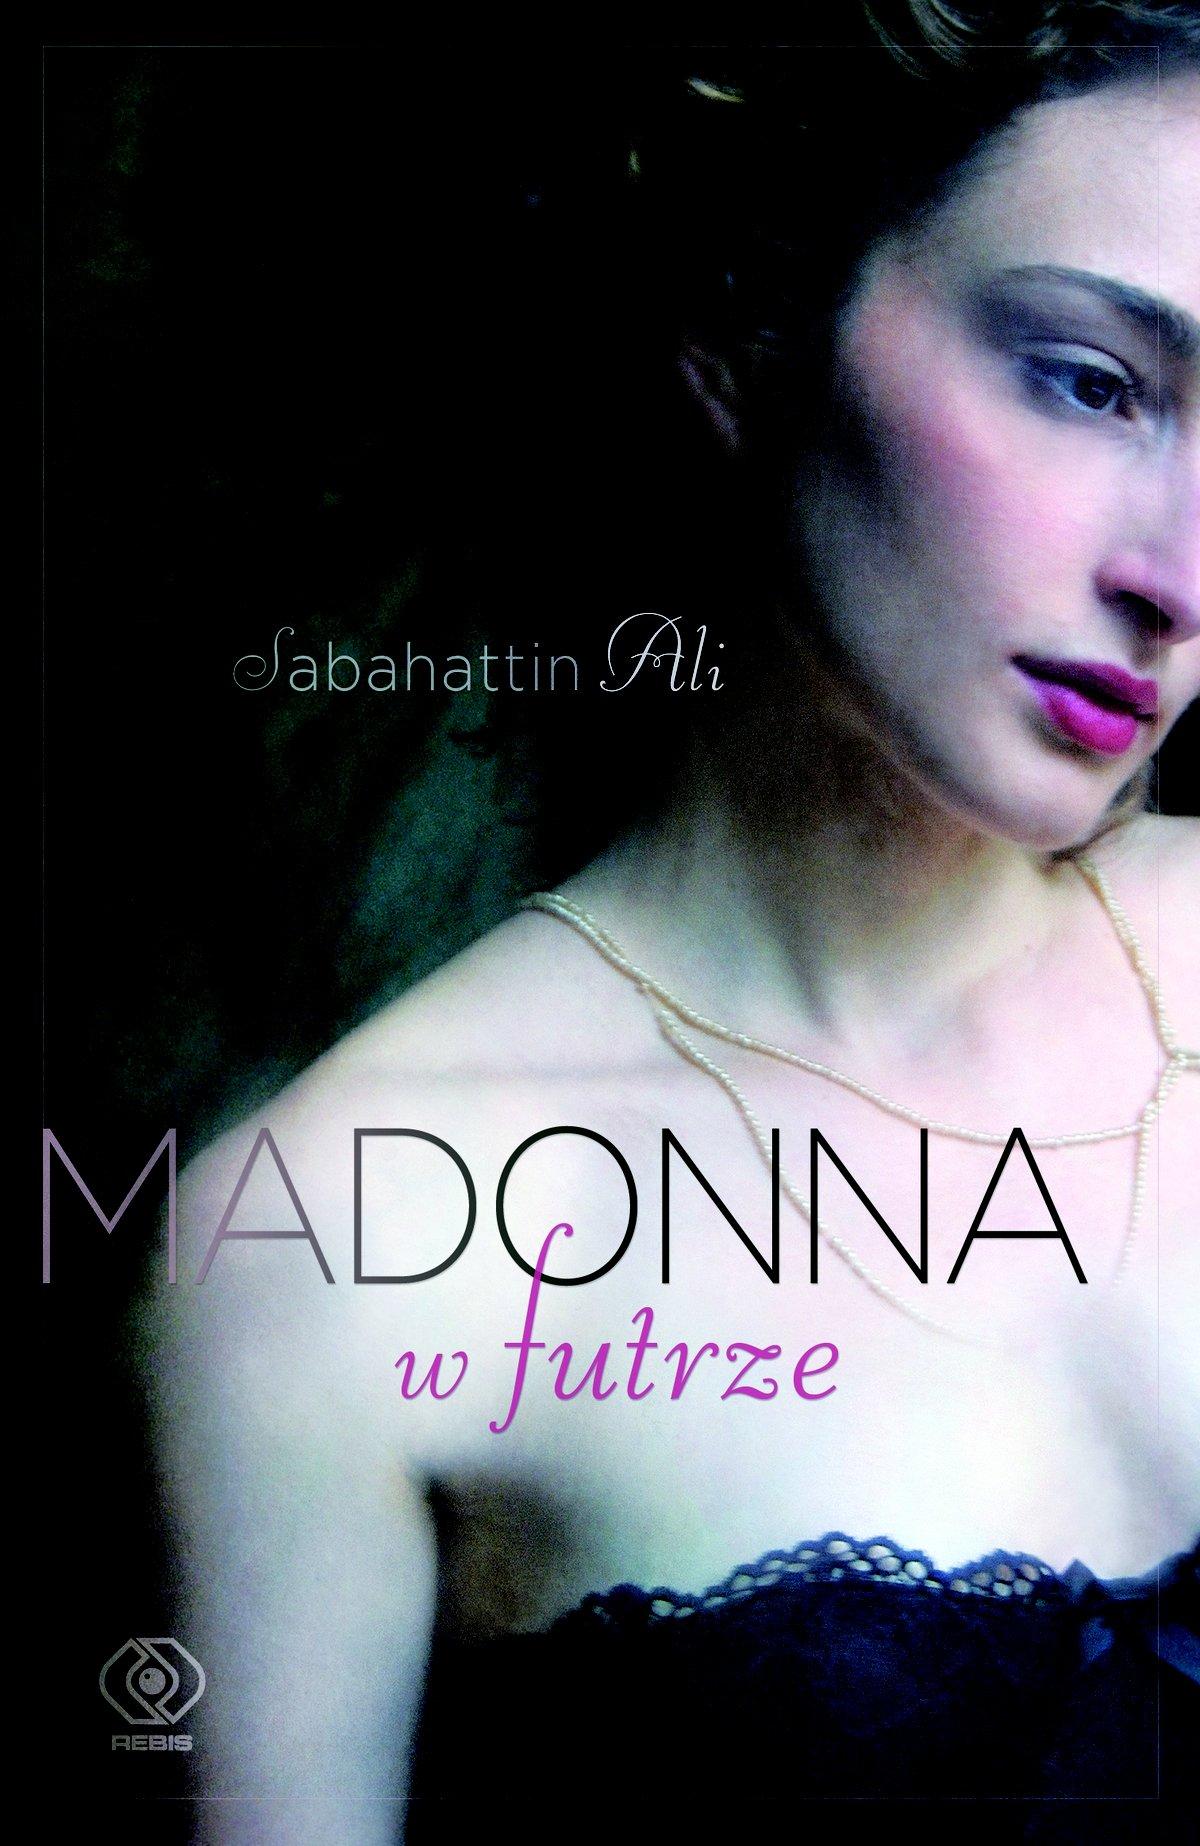 Madonna w futrze - Ebook (Książka EPUB) do pobrania w formacie EPUB